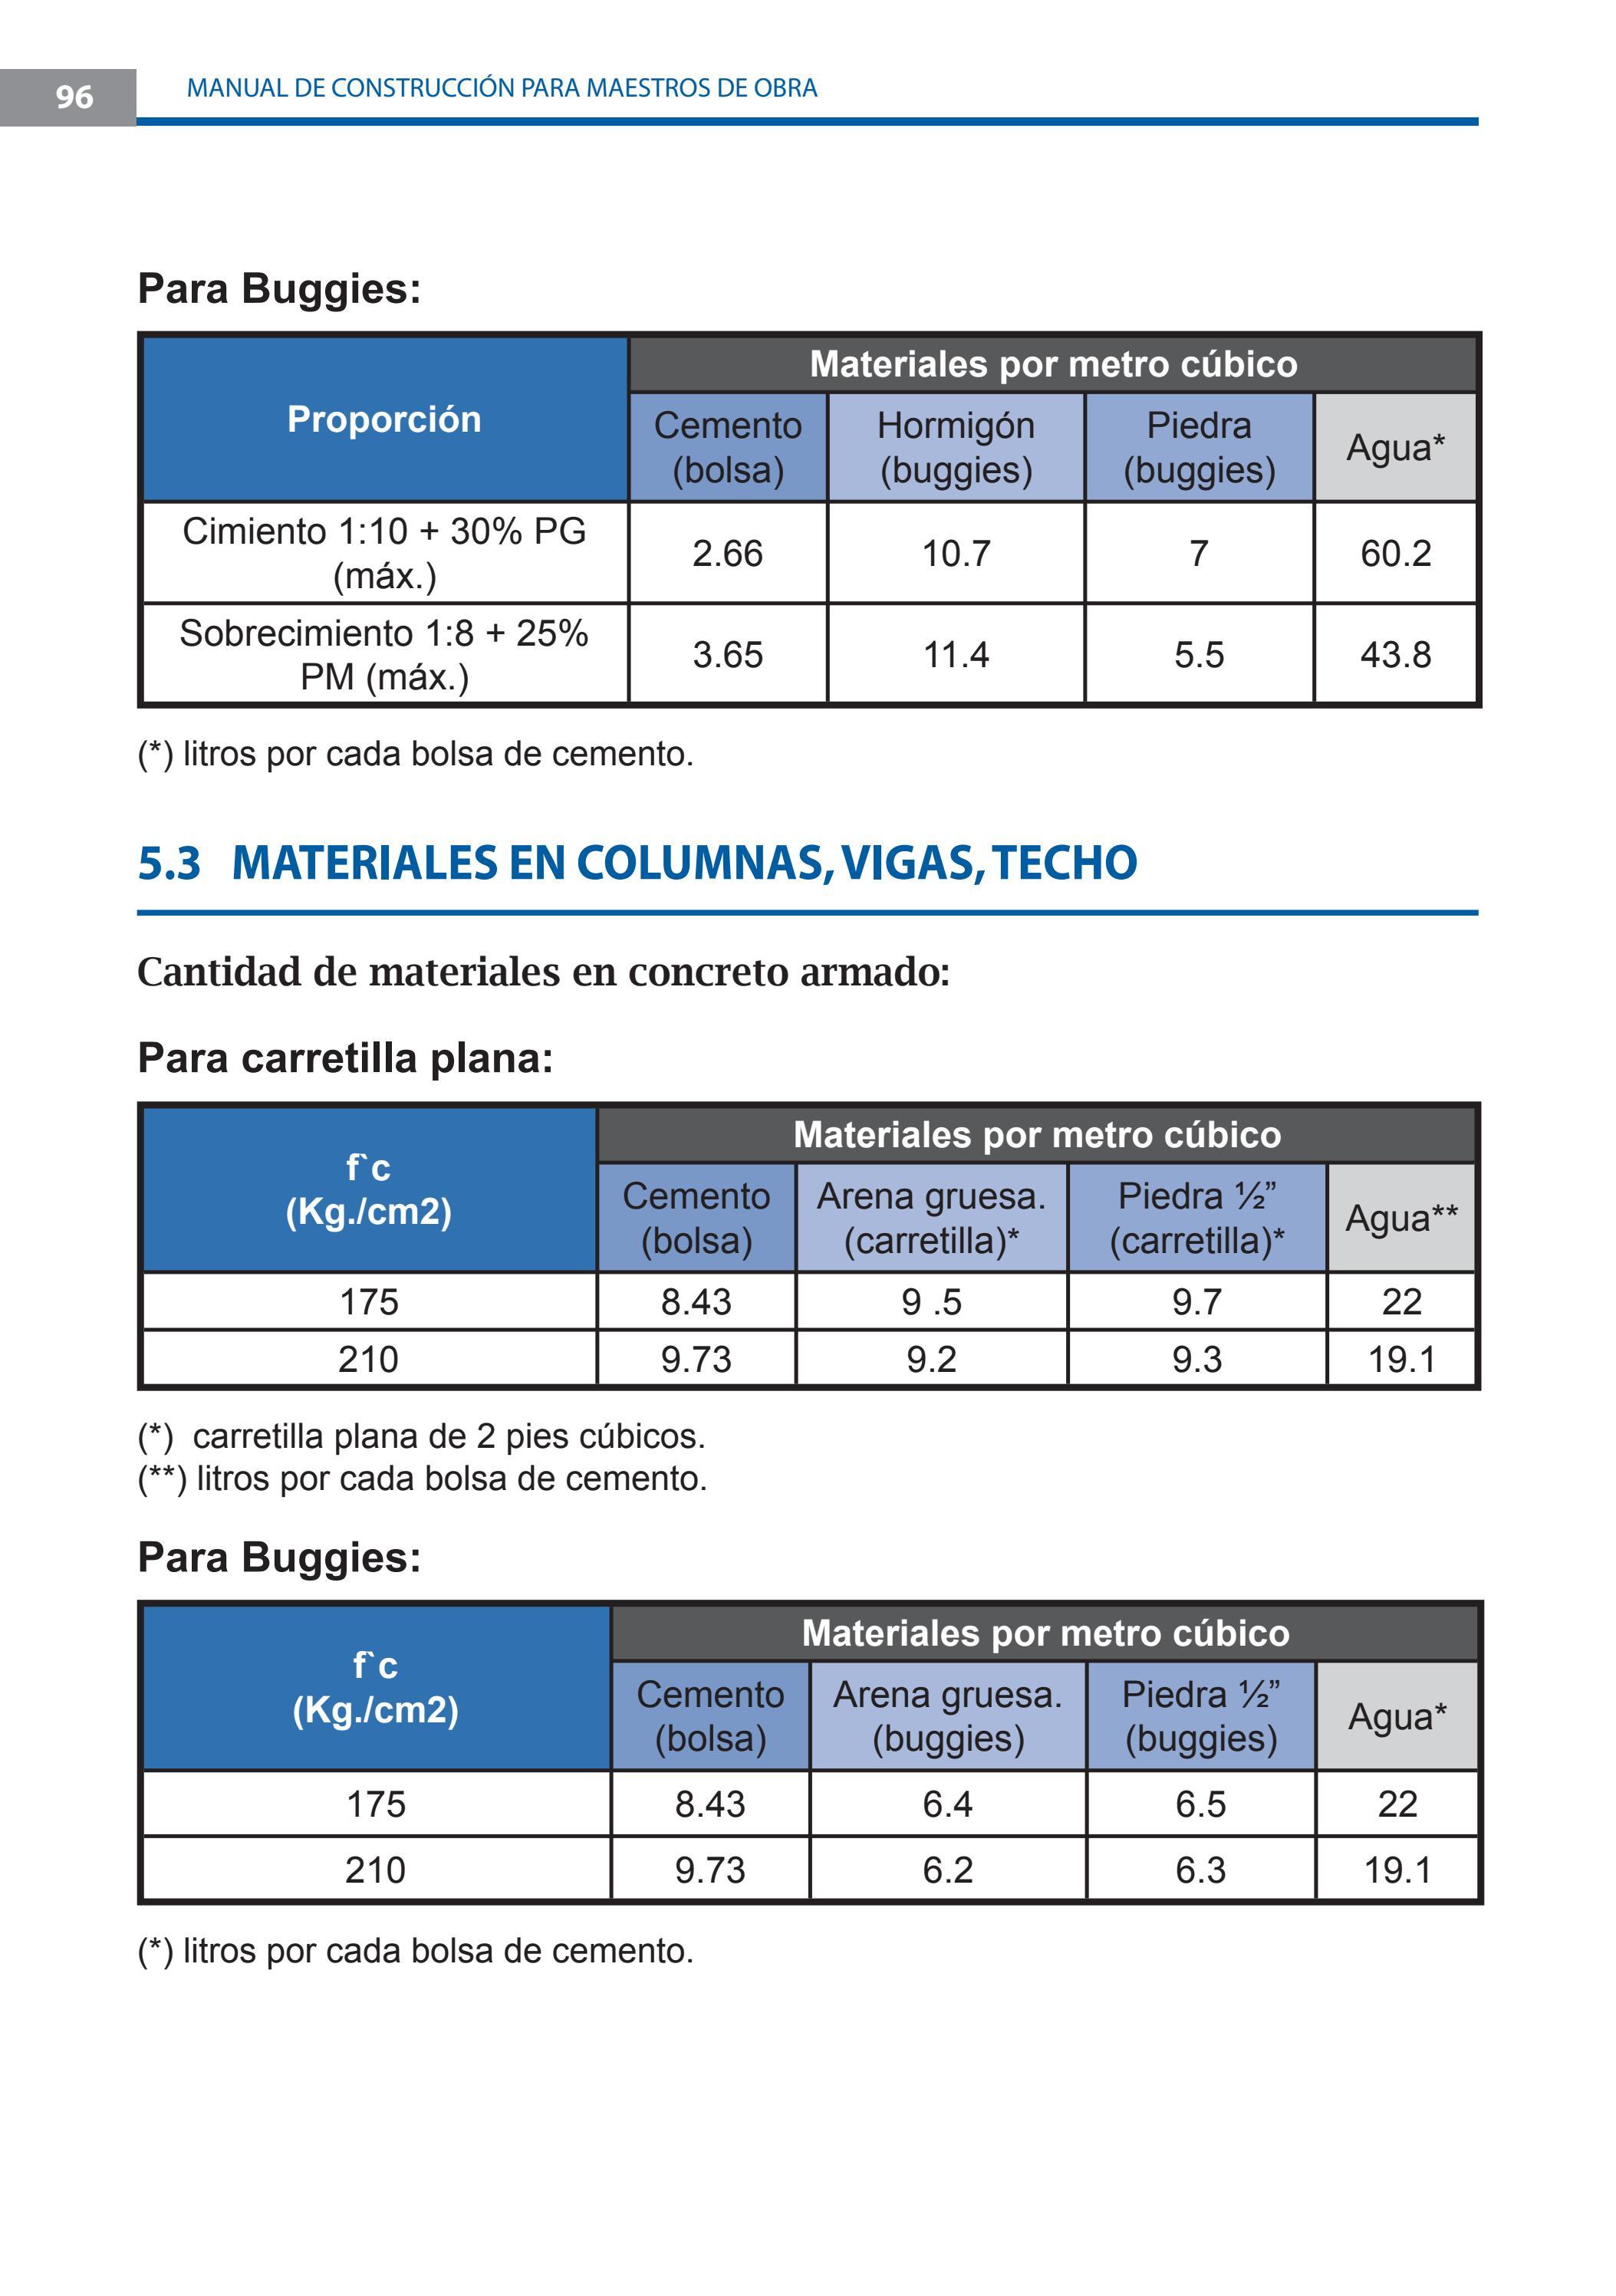 Manual de construcci n para maestros de obra by for Cuantas tilapias por metro cubico